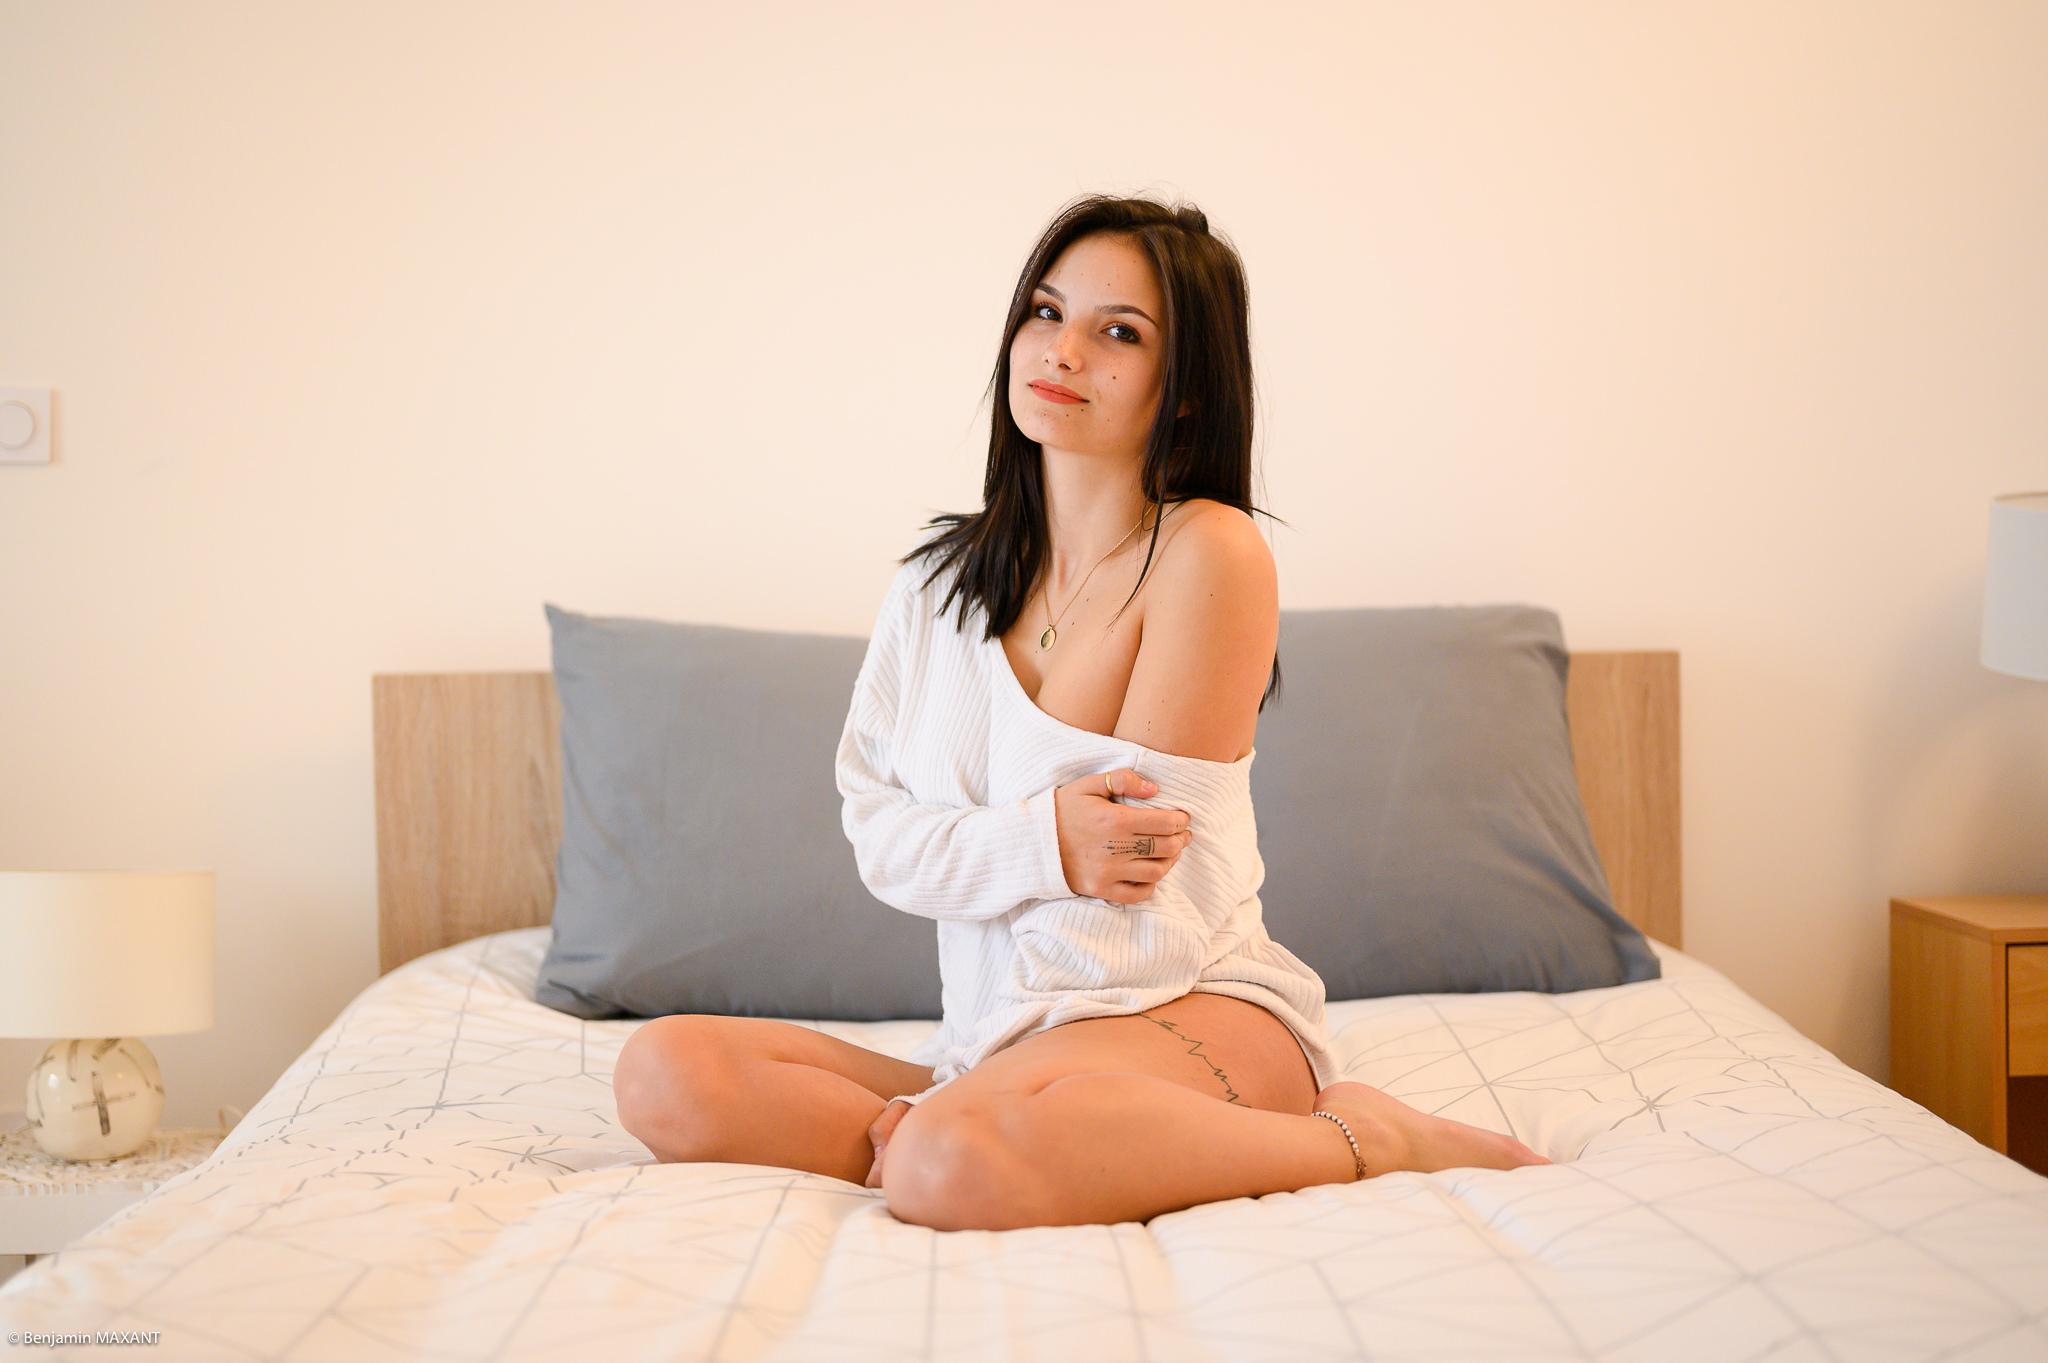 Séance photo boudoir ensemble blanc souple ouvert modèle assise sur le lit